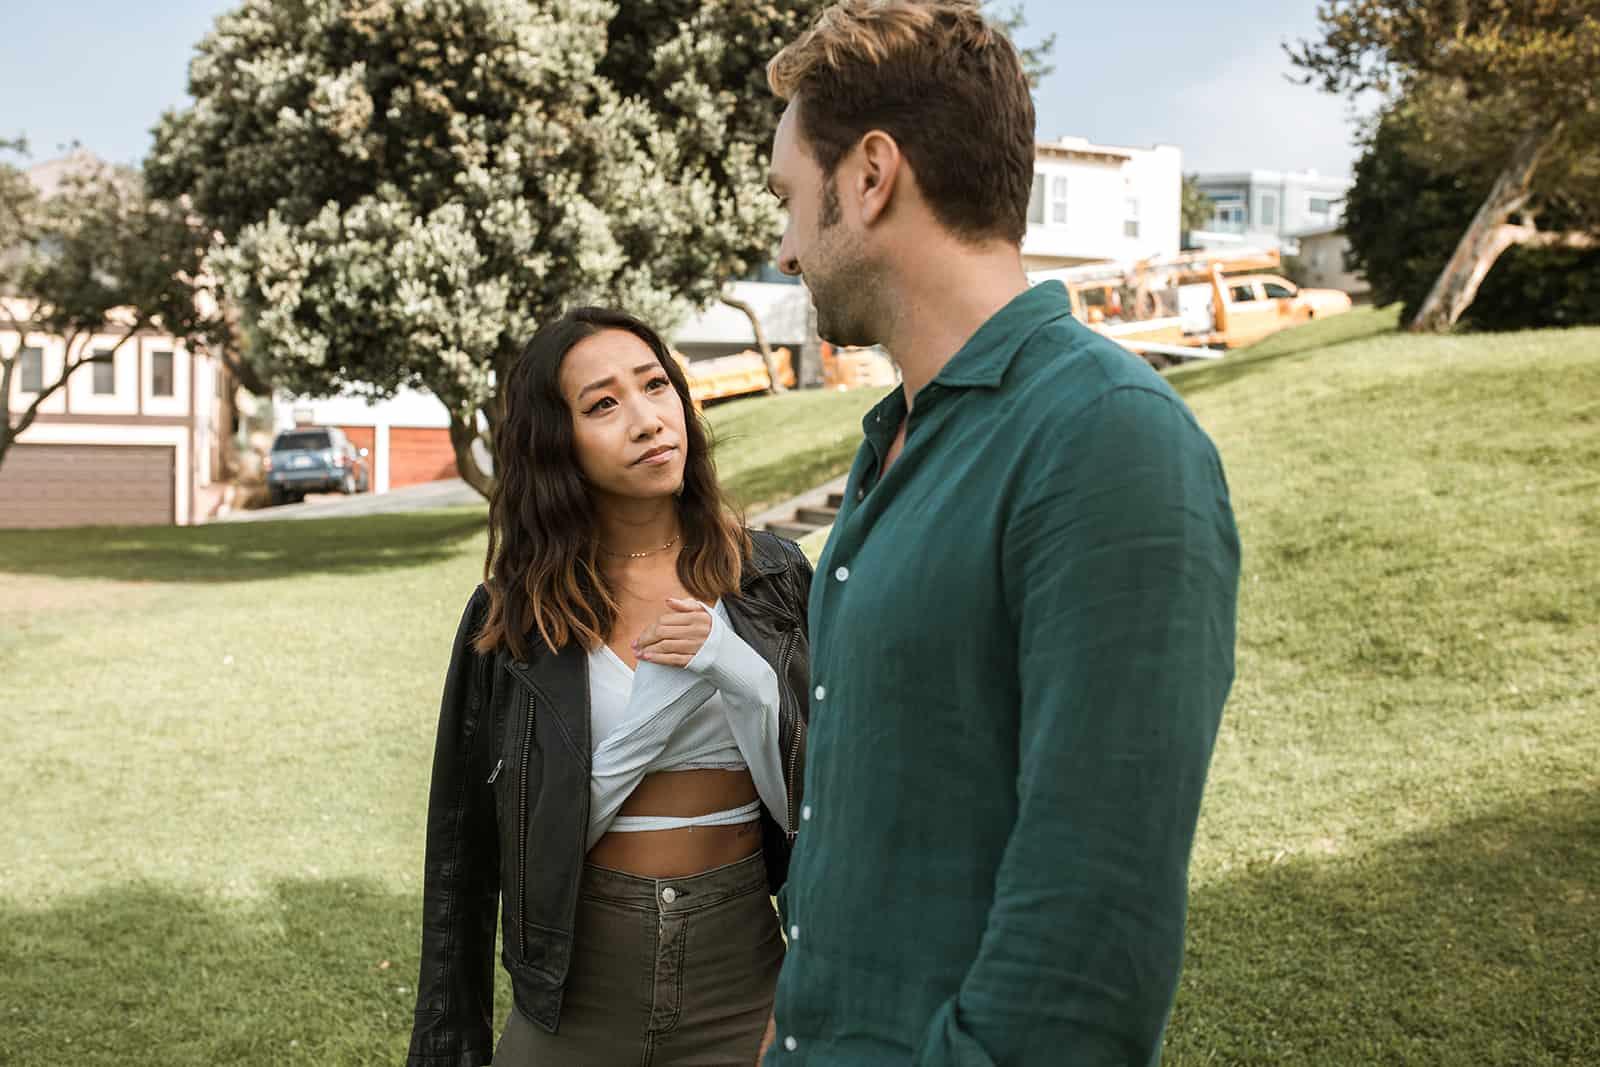 Ein Mann und eine Frau brechen ihre Beziehung ab und unterhalten sich im Park